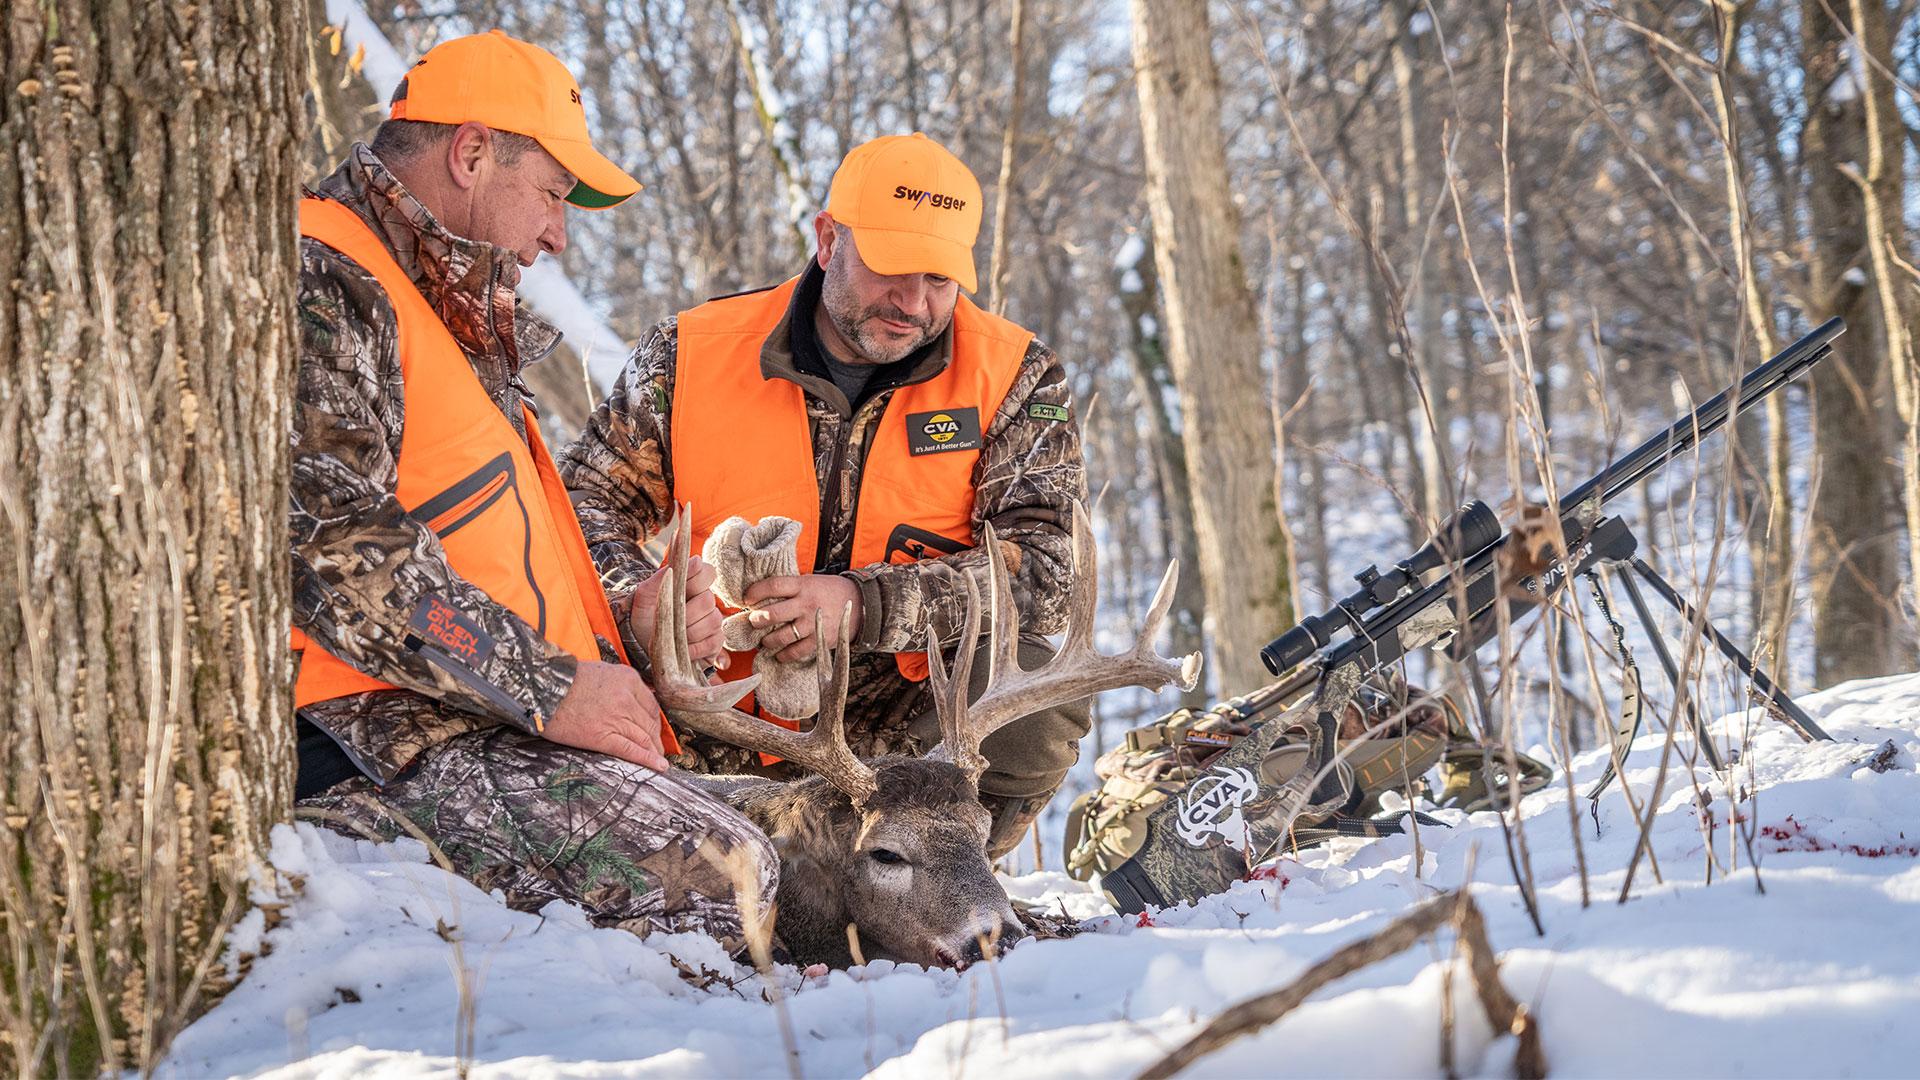 Two hunters deer hunting